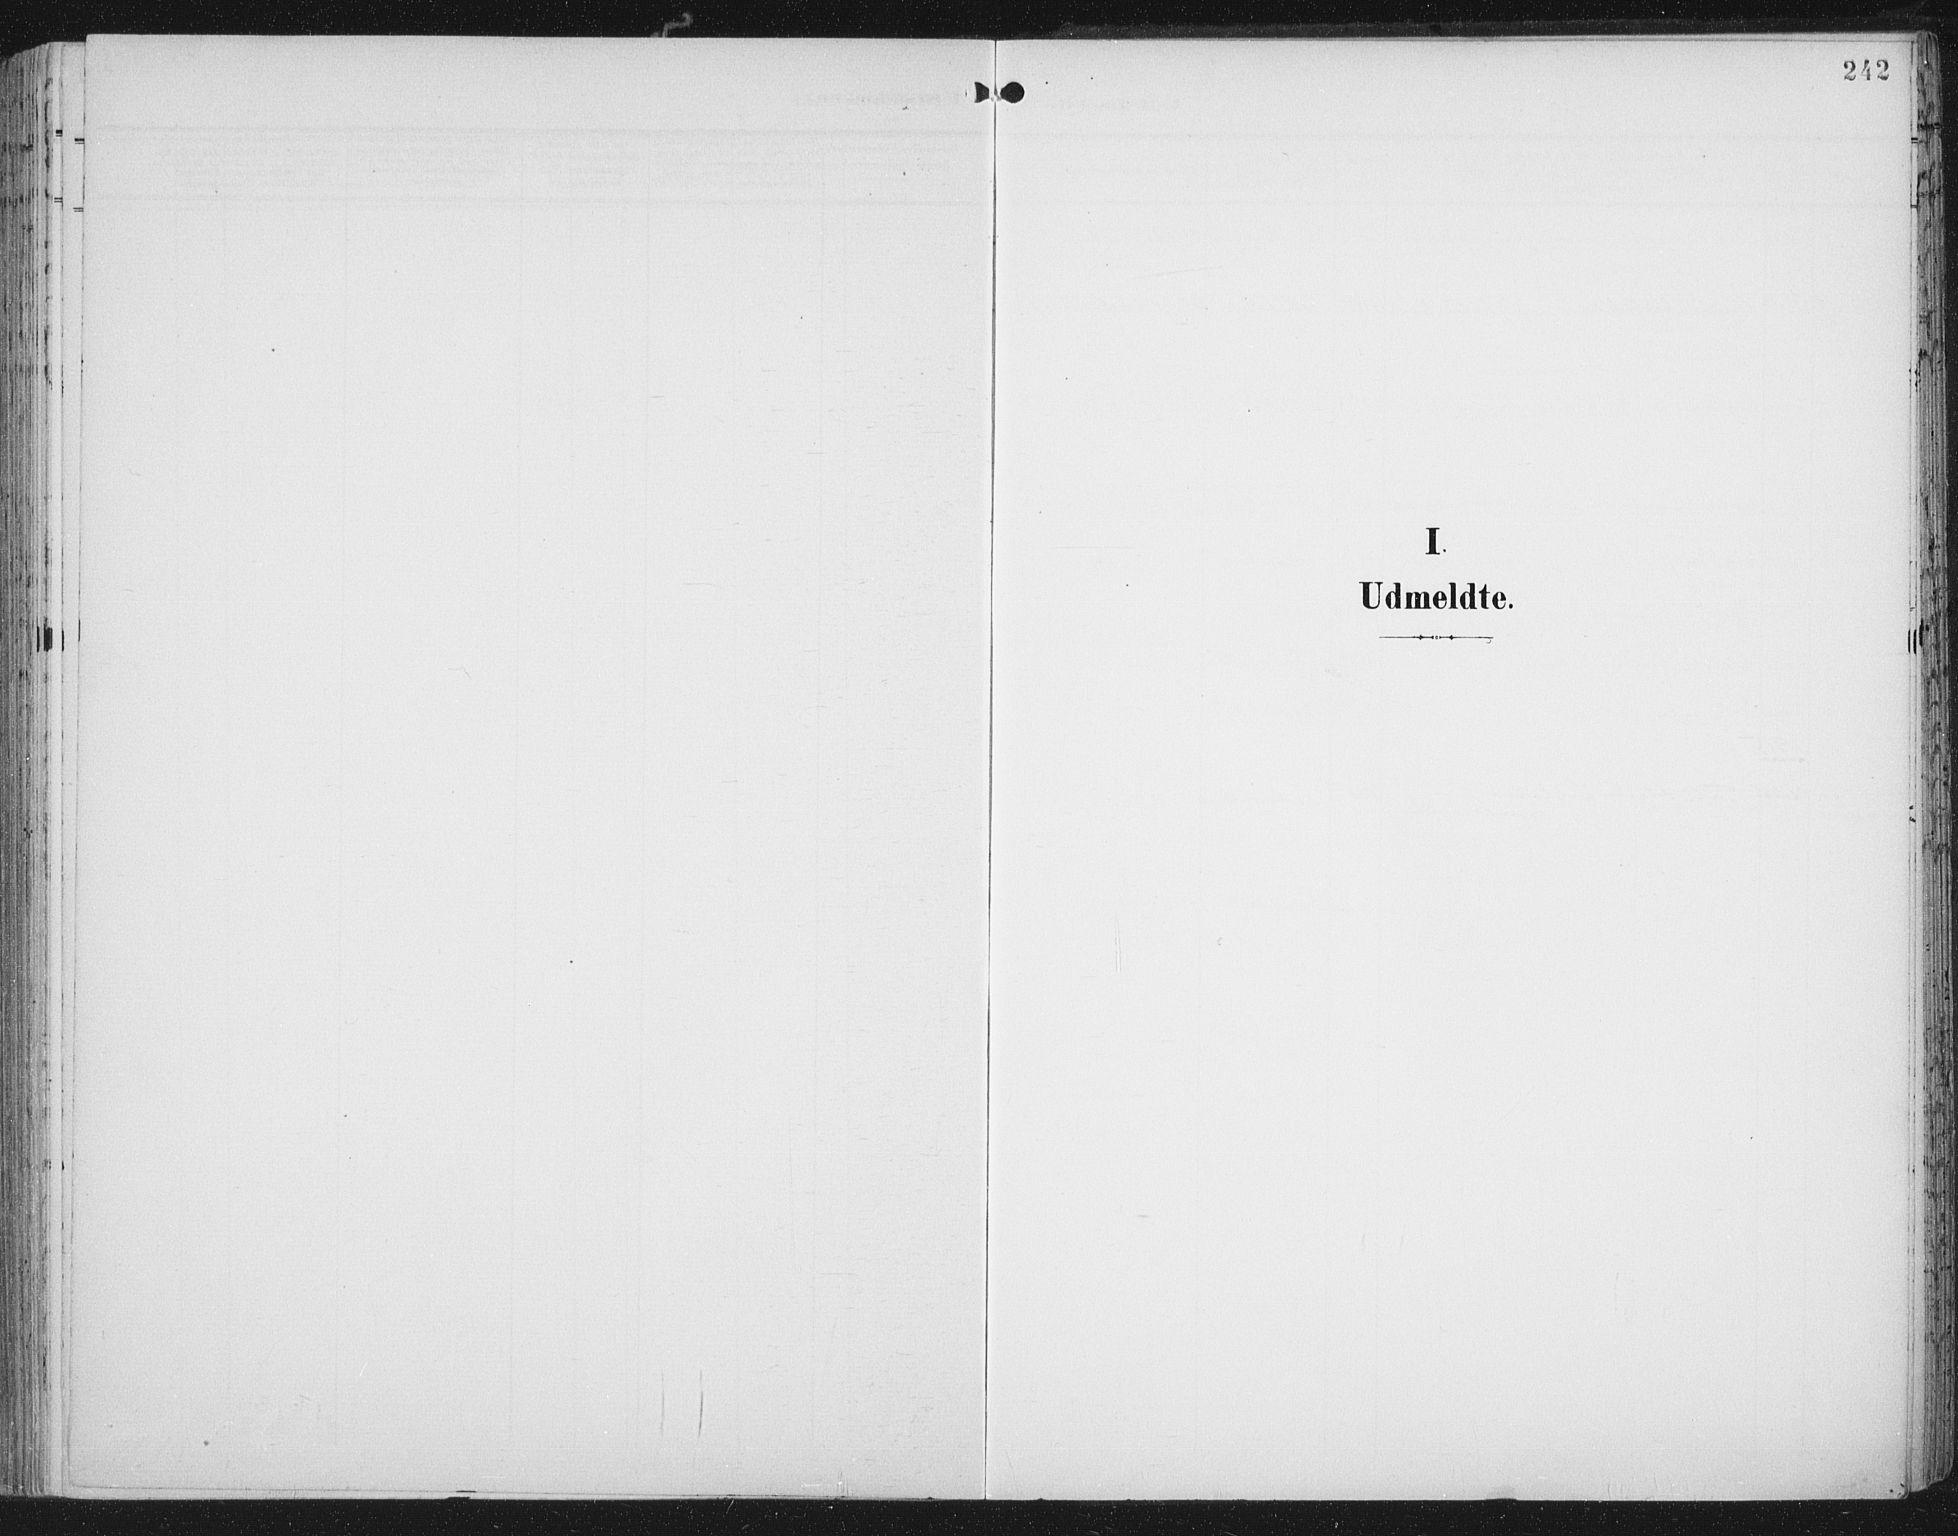 SAT, Ministerialprotokoller, klokkerbøker og fødselsregistre - Nord-Trøndelag, 701/L0011: Ministerialbok nr. 701A11, 1899-1915, s. 242